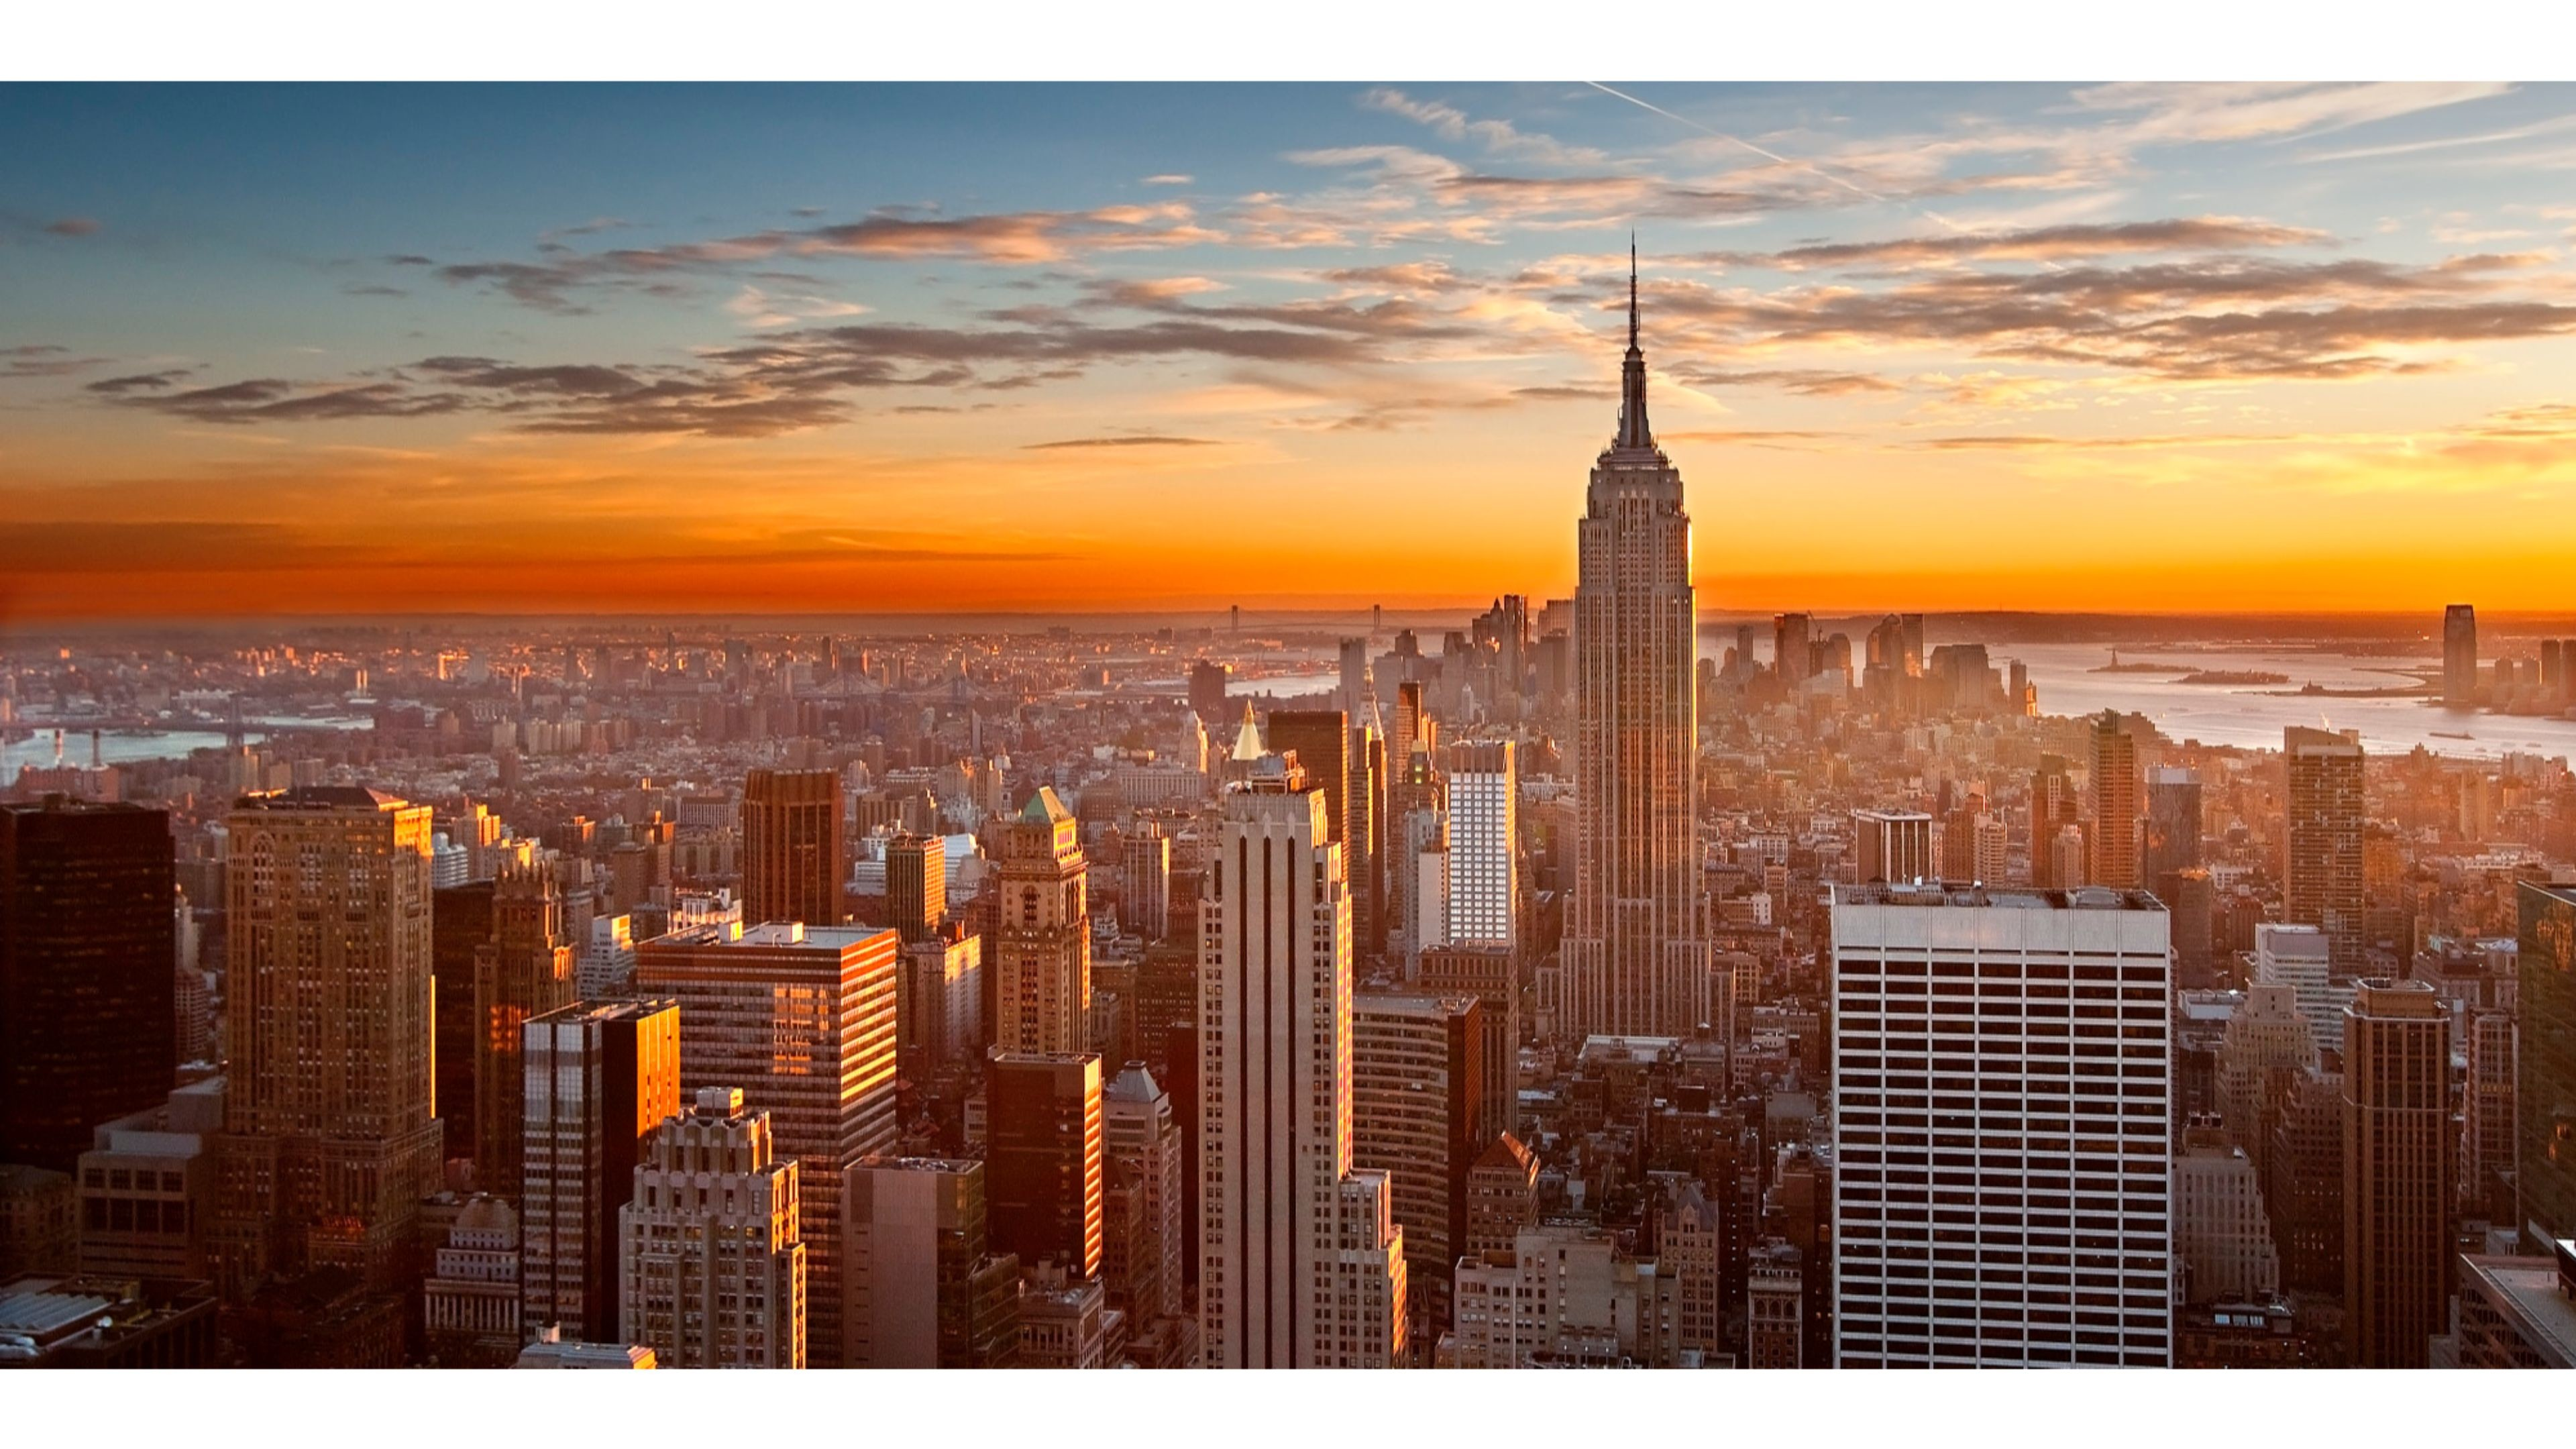 Travel New York City 4K Wallpaper